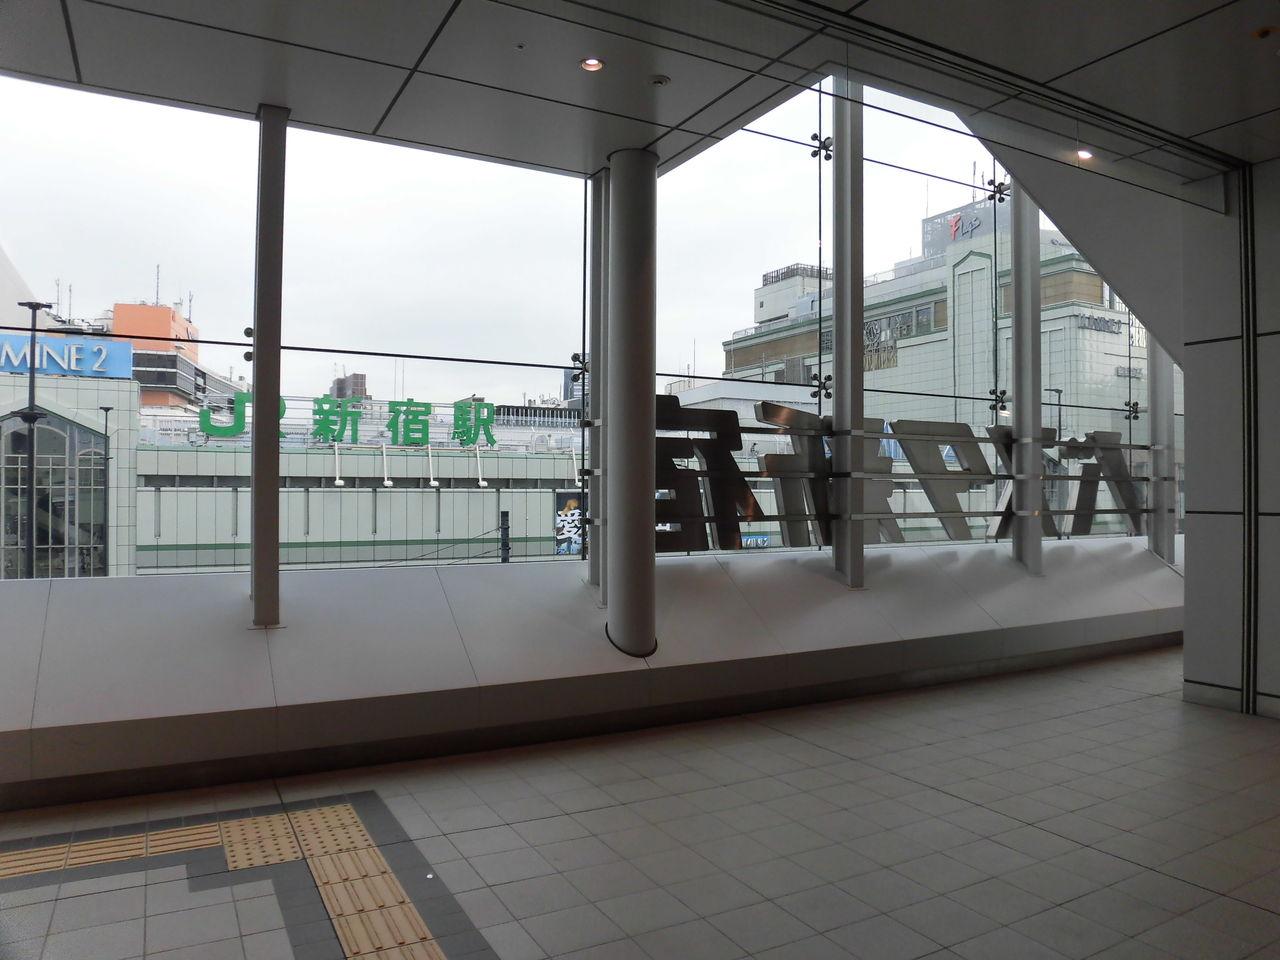 バスタ新宿(甲州街道をはさんでJR新宿駅南口)